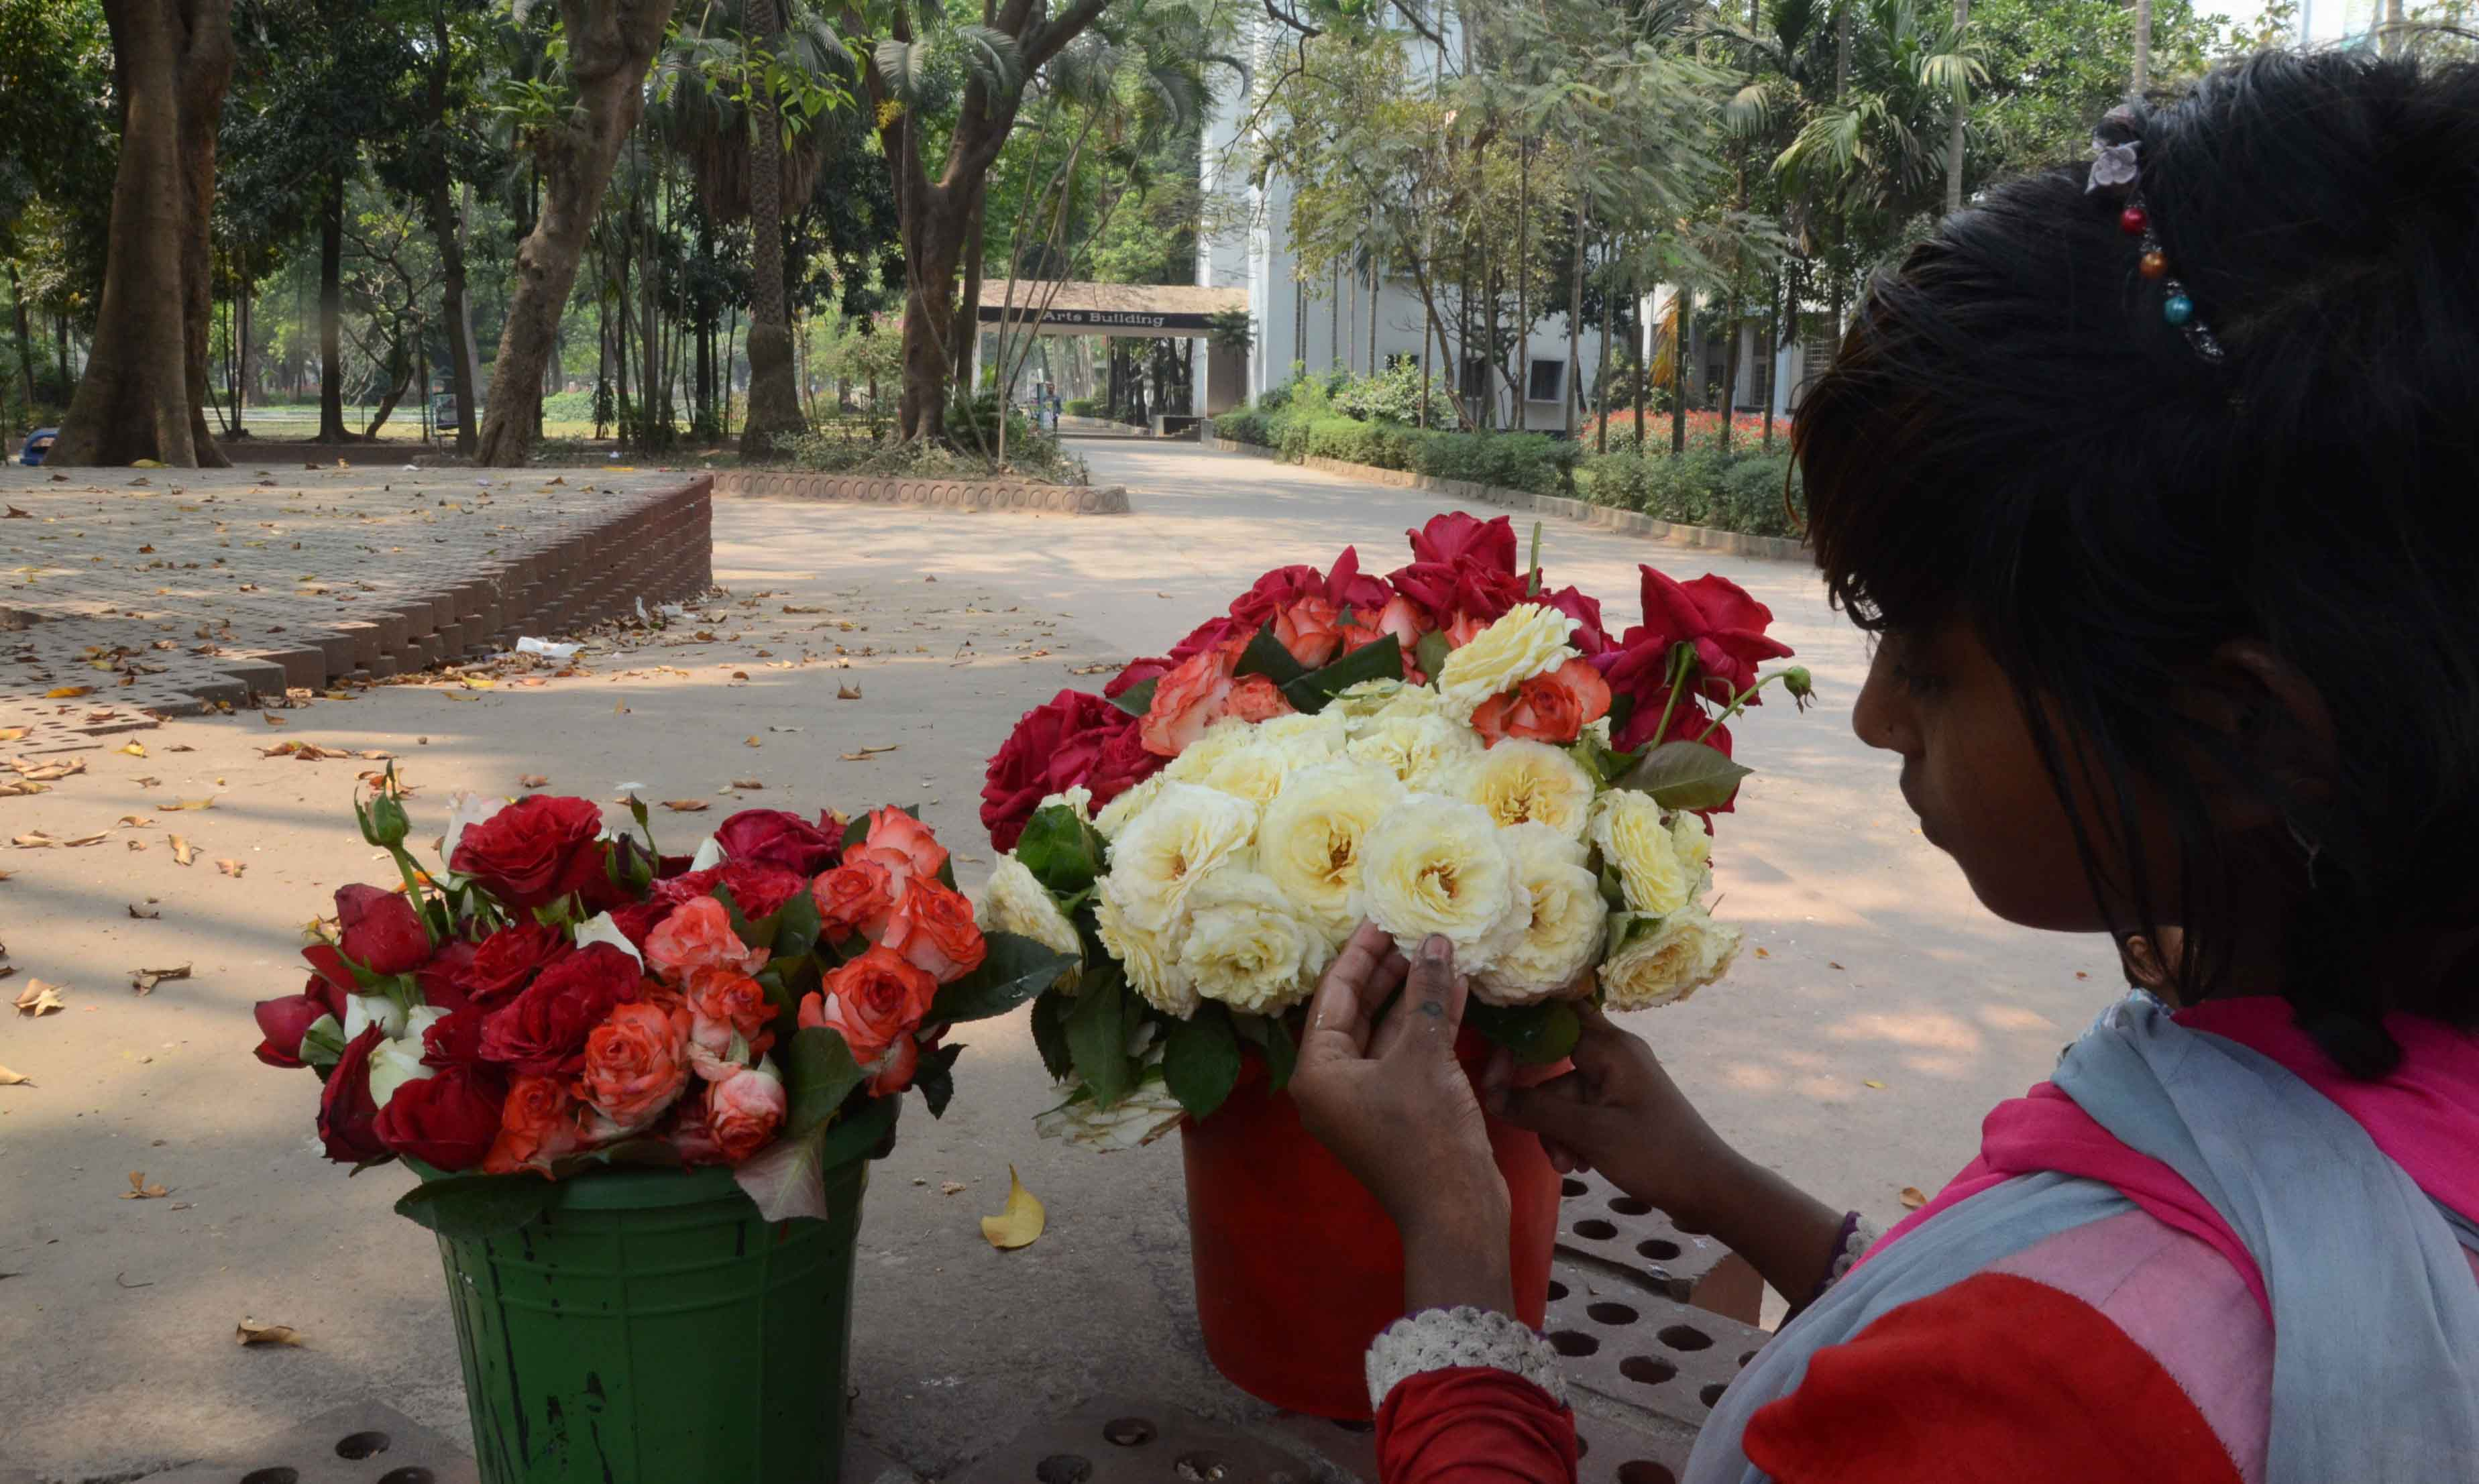 শিশু ফুল বিক্রেতা জানেনা ঢাকা বিশ বিদ্যালয় করোনা ভাইরাসের কারনে বন্ধ ঘোষণা শিলা জানেনা তাই কলা ভবনেের  সামনে ফুল বিএী করতে না পেরে ফুল গুলি পাএ টিতে সাজ্জাচ্ছে